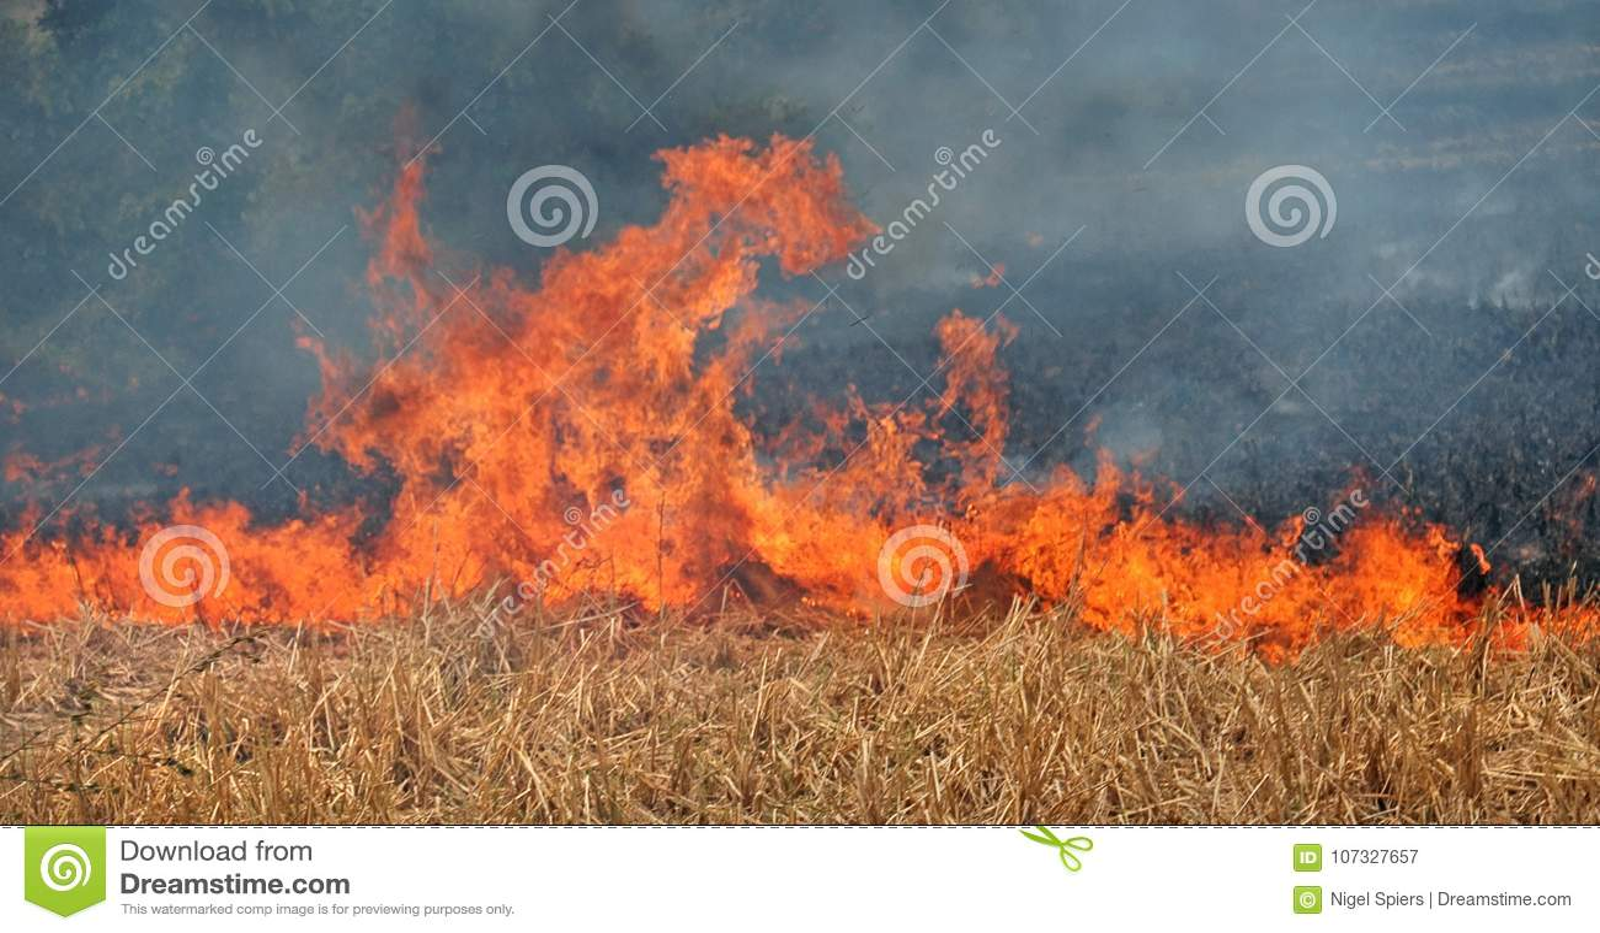 Peligro - el fuego desenfrenado del campo amenaza al fotógrafo